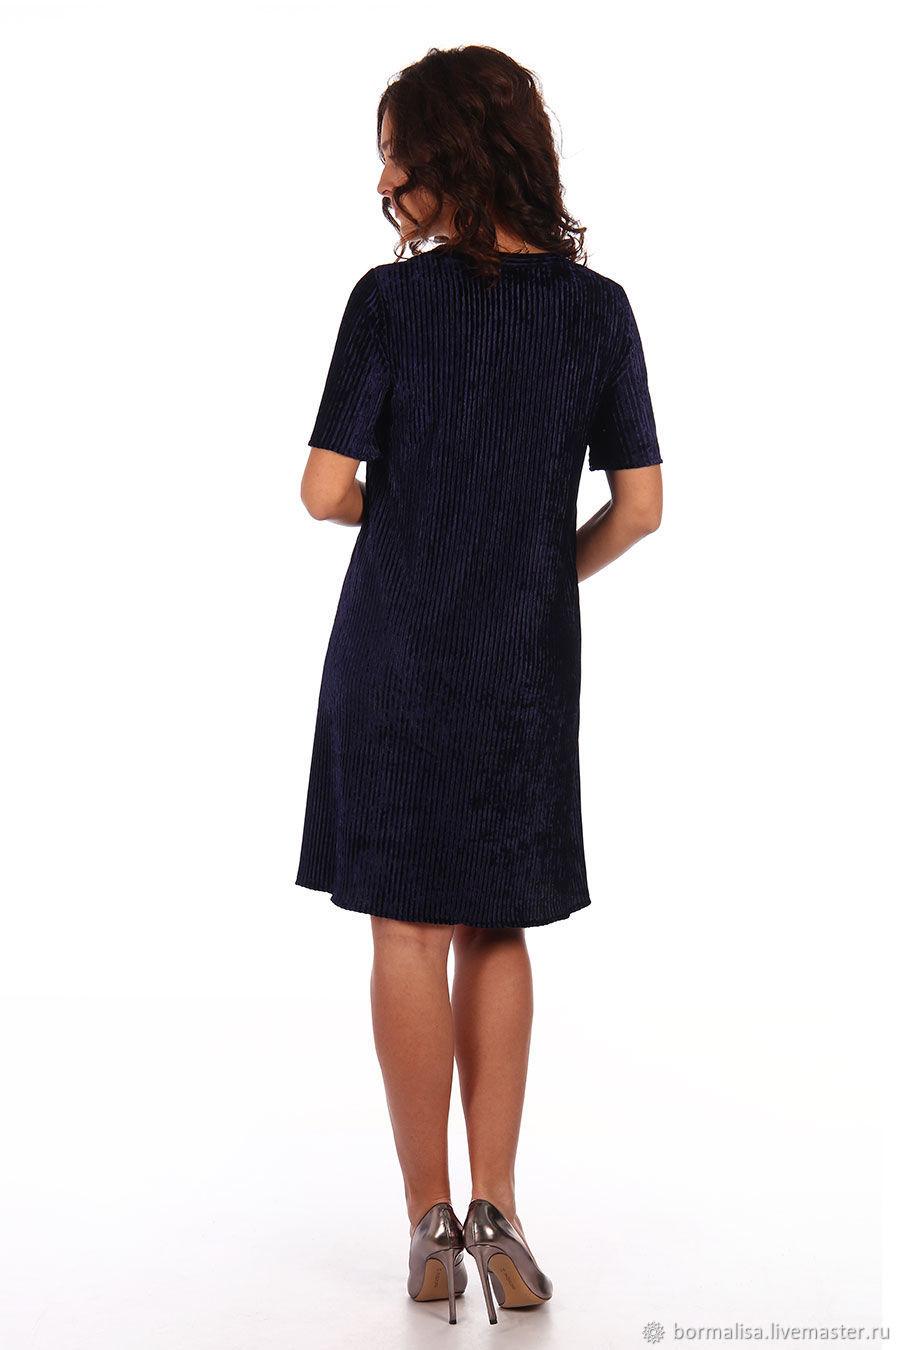 Ярмарка Мастеров. Женская одежда · Платья ручной работы. Платье